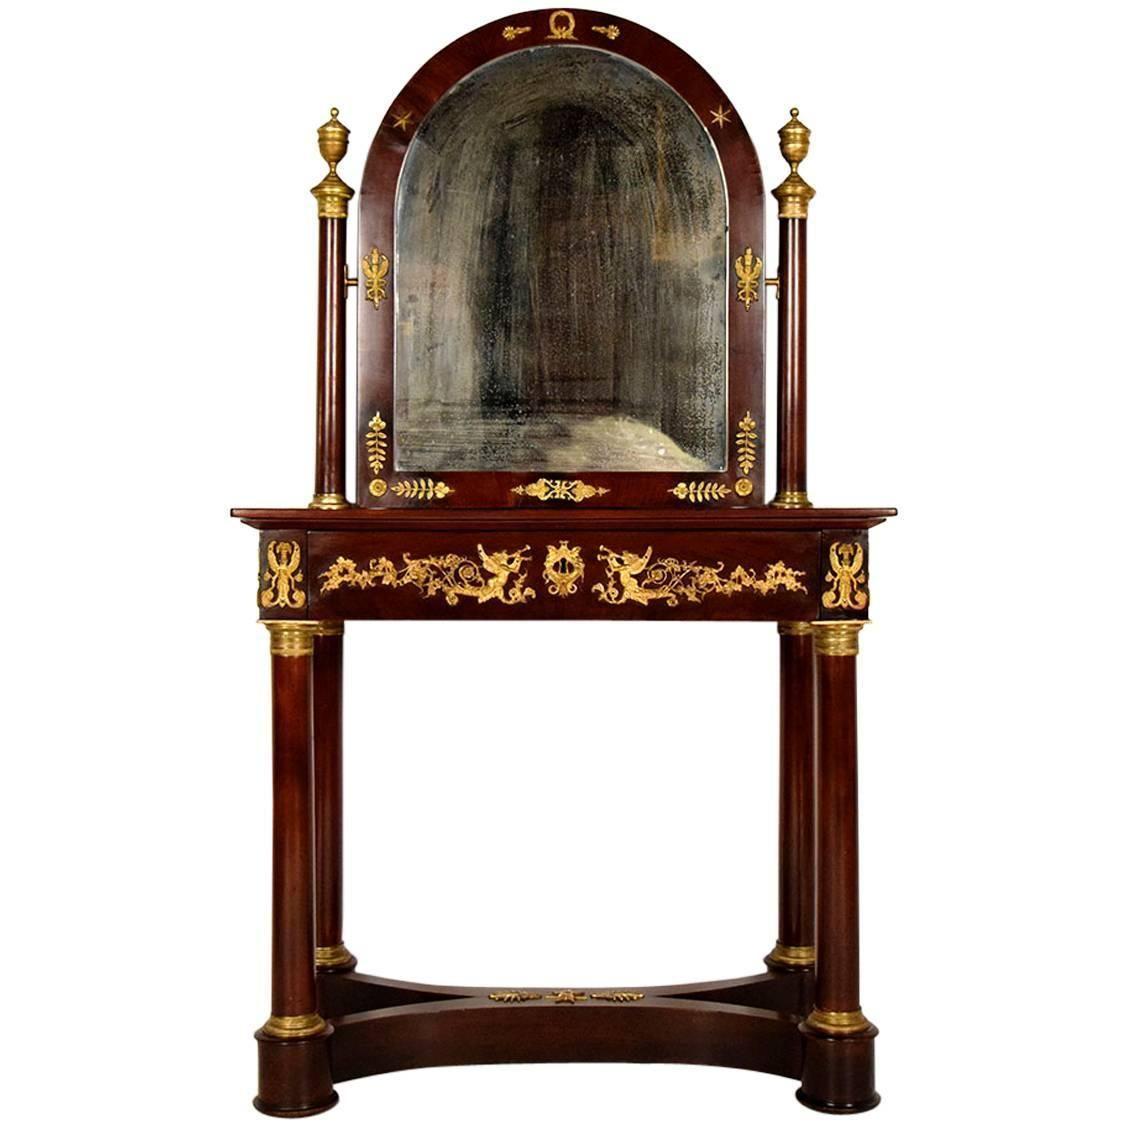 19th Century French Mahogany Empire Vanity Table with Mirror